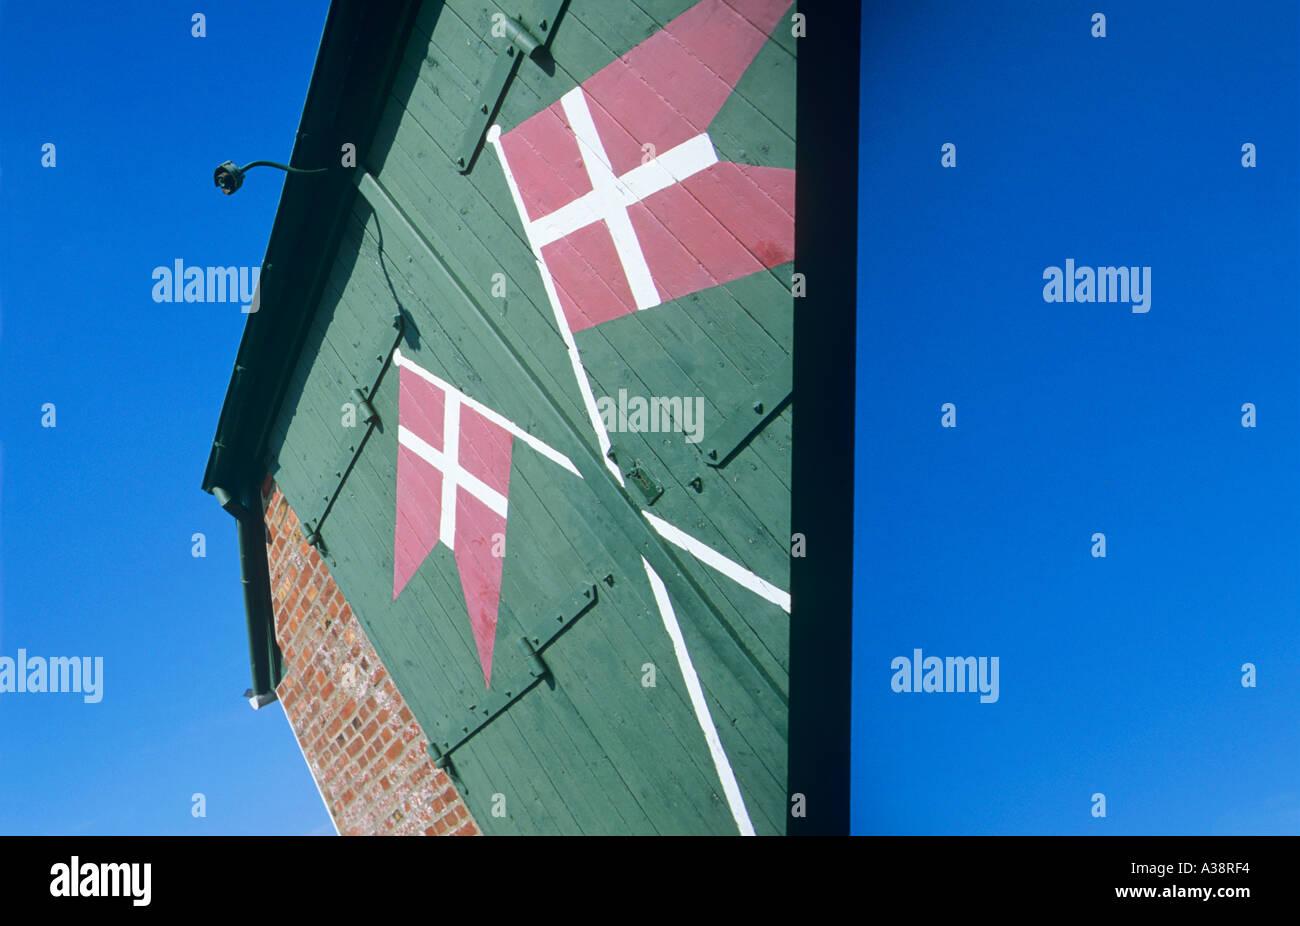 DANISH FLAGS ON GREEN DOOR - Stock Image